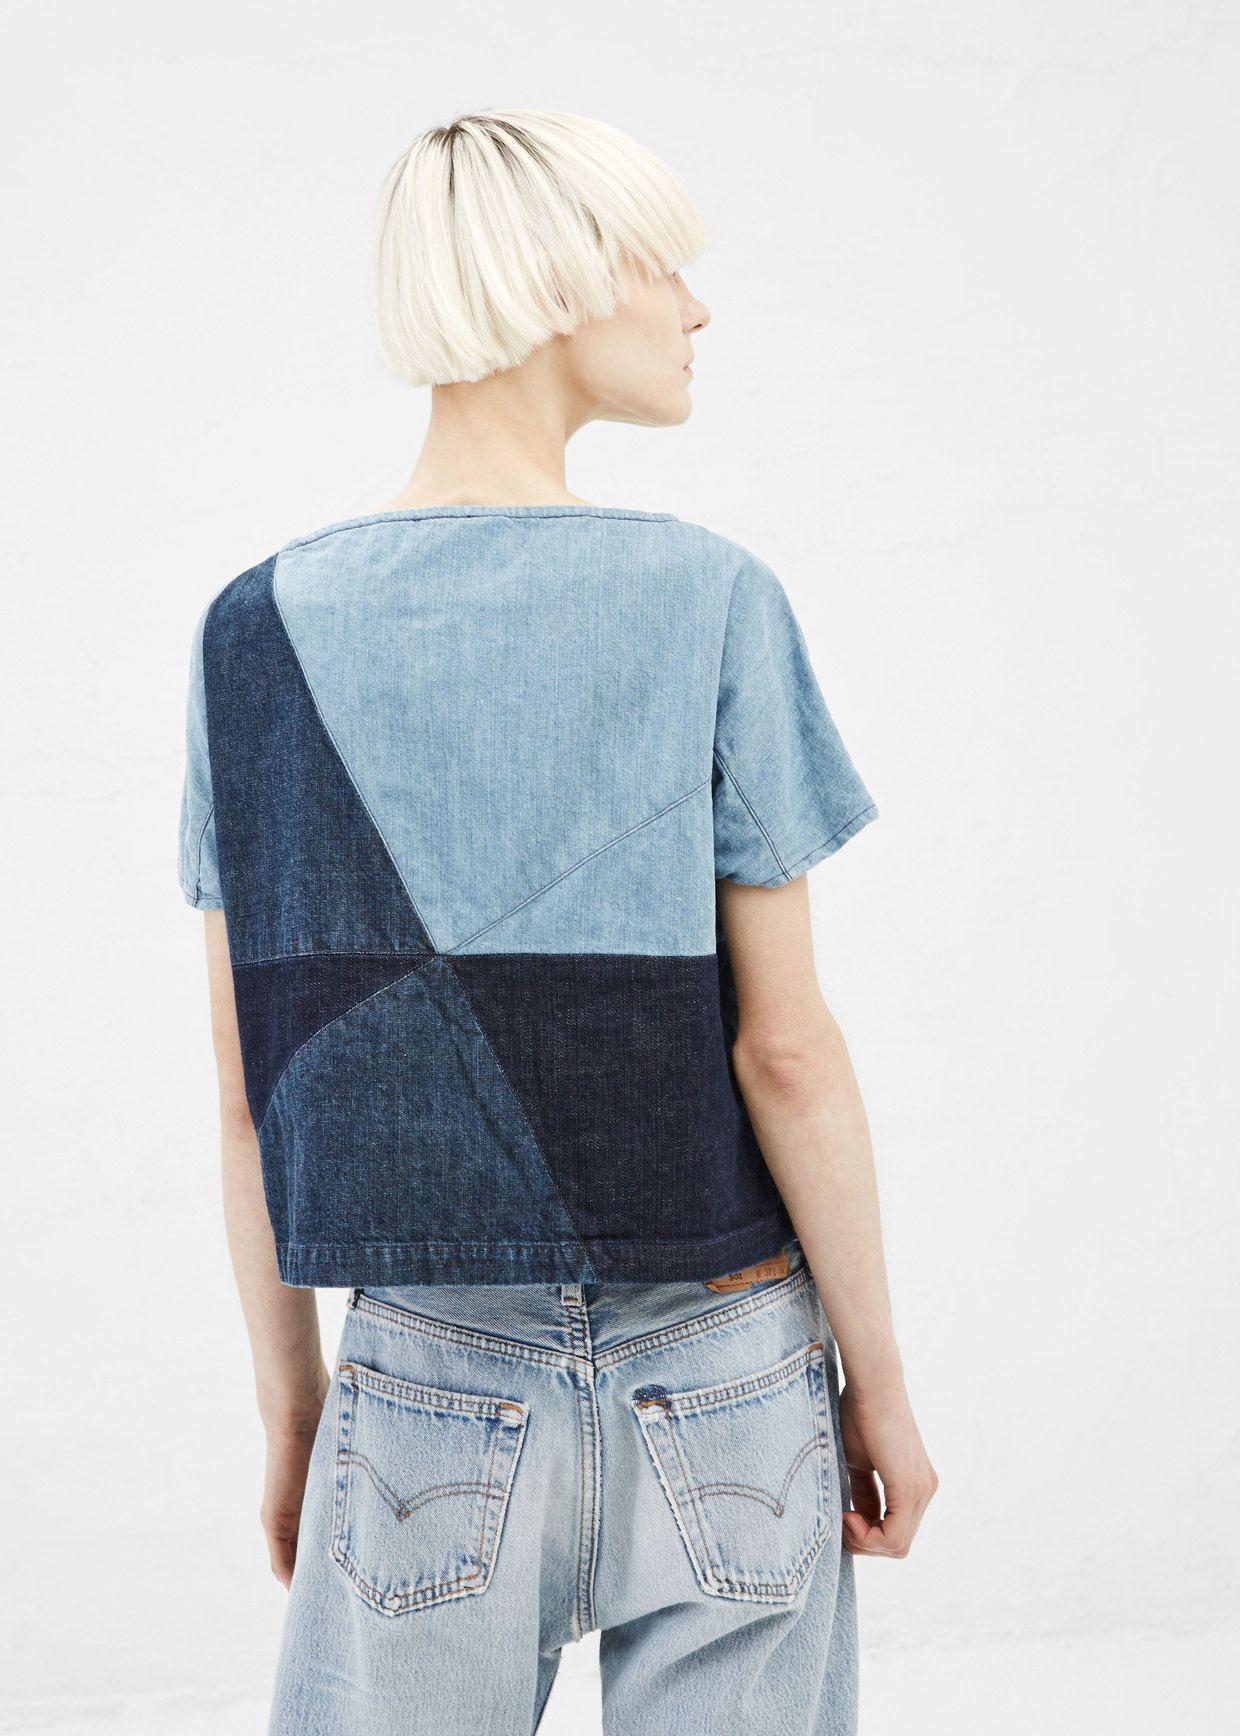 Модная джинсовая одежда и джинсовый стиль — фото, тенденции, тренды, фасоны новые фото